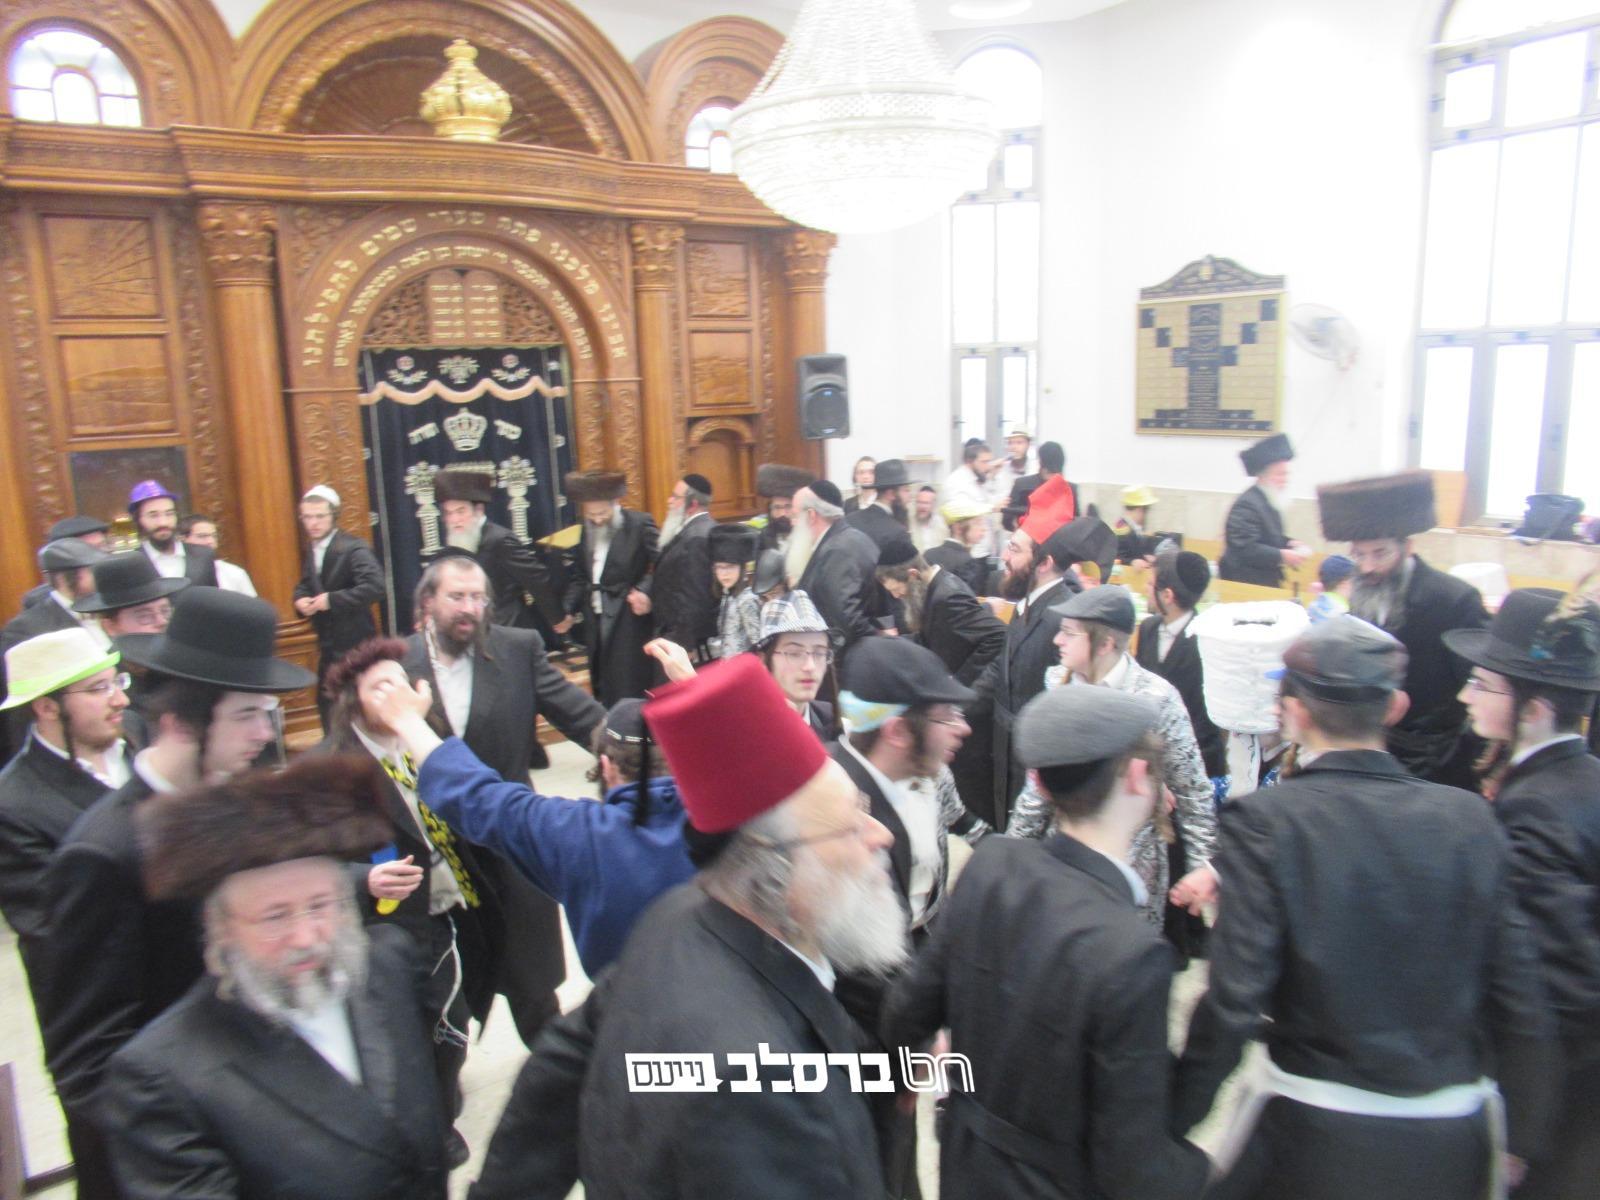 """ירושלים • צפו חג הפורים בבית הכנסת 'אור אברהם' עם חשובי אנ""""ש"""